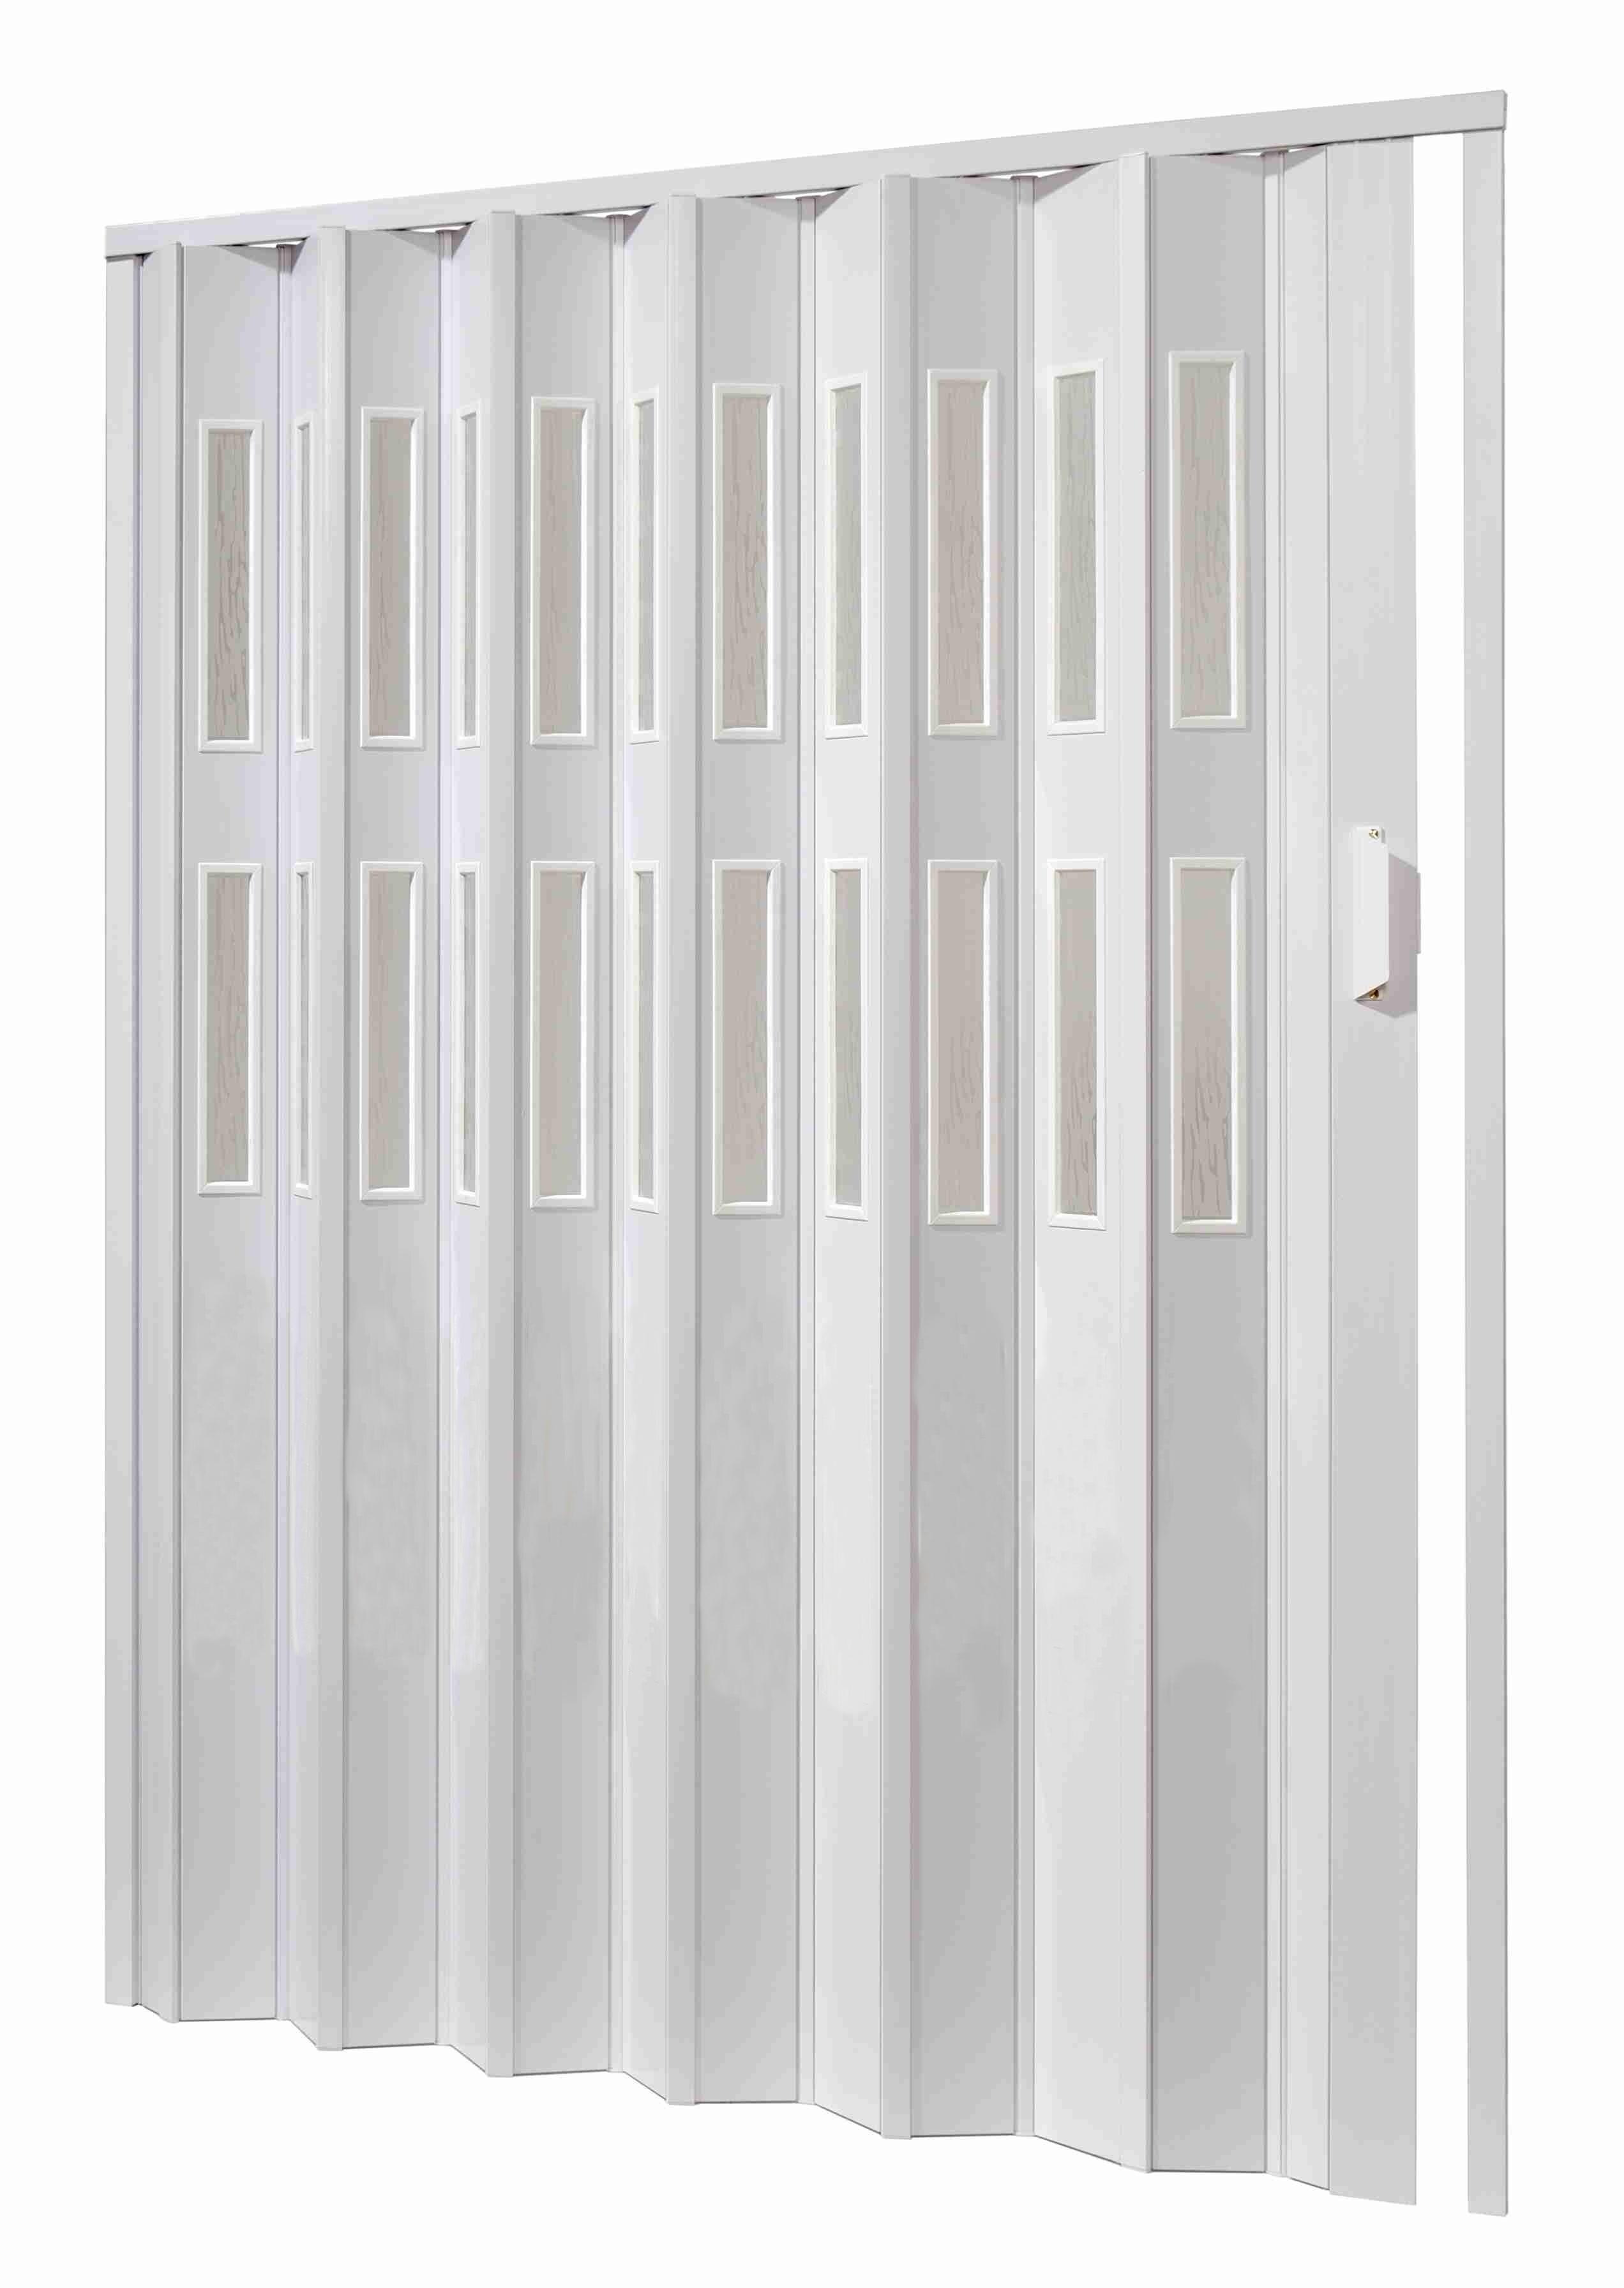 Shrnovací dveře - bílé, prosklené 120x200cm ODSTÍN: BÍLÁ, TYP DVEŘÍ: plné